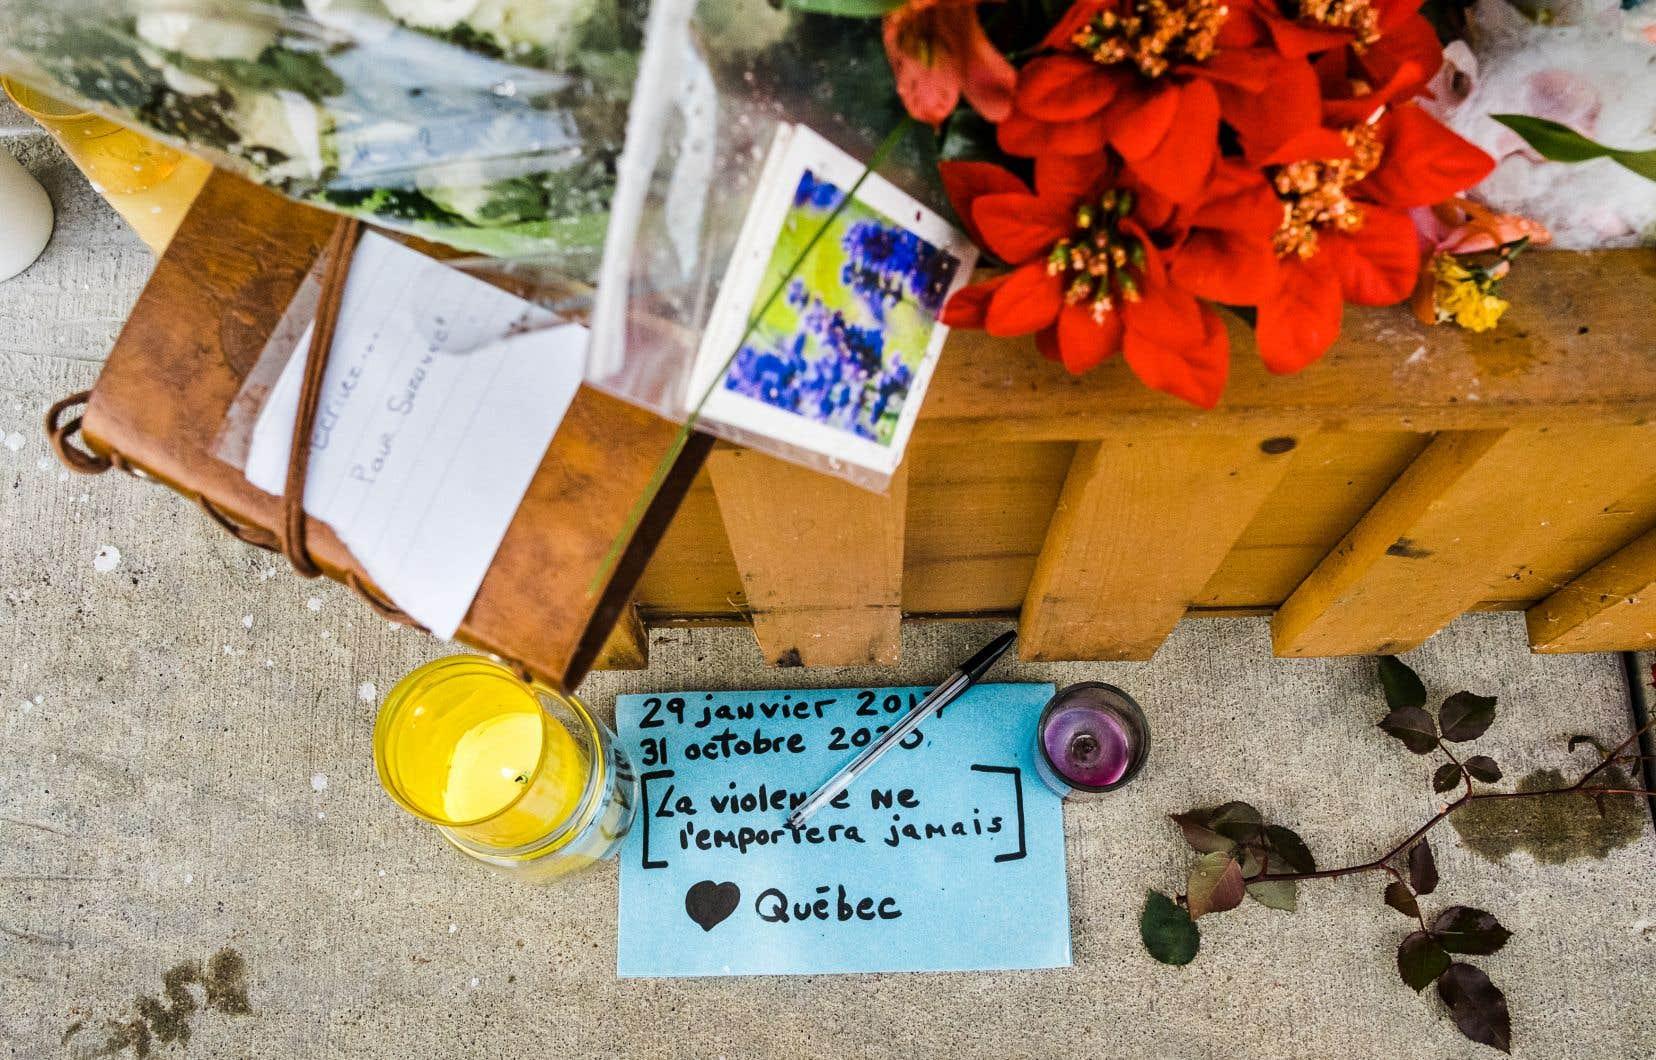 L'identité d'une seule victime demeure protégée, à sa demande. Les quatre autres blessés dans cette violente attaque pourront désormais être identifiés par les médias et témoigner publiquement des événements, au cours desquels François Duchesne et Suzanne Clermont ont été tués.